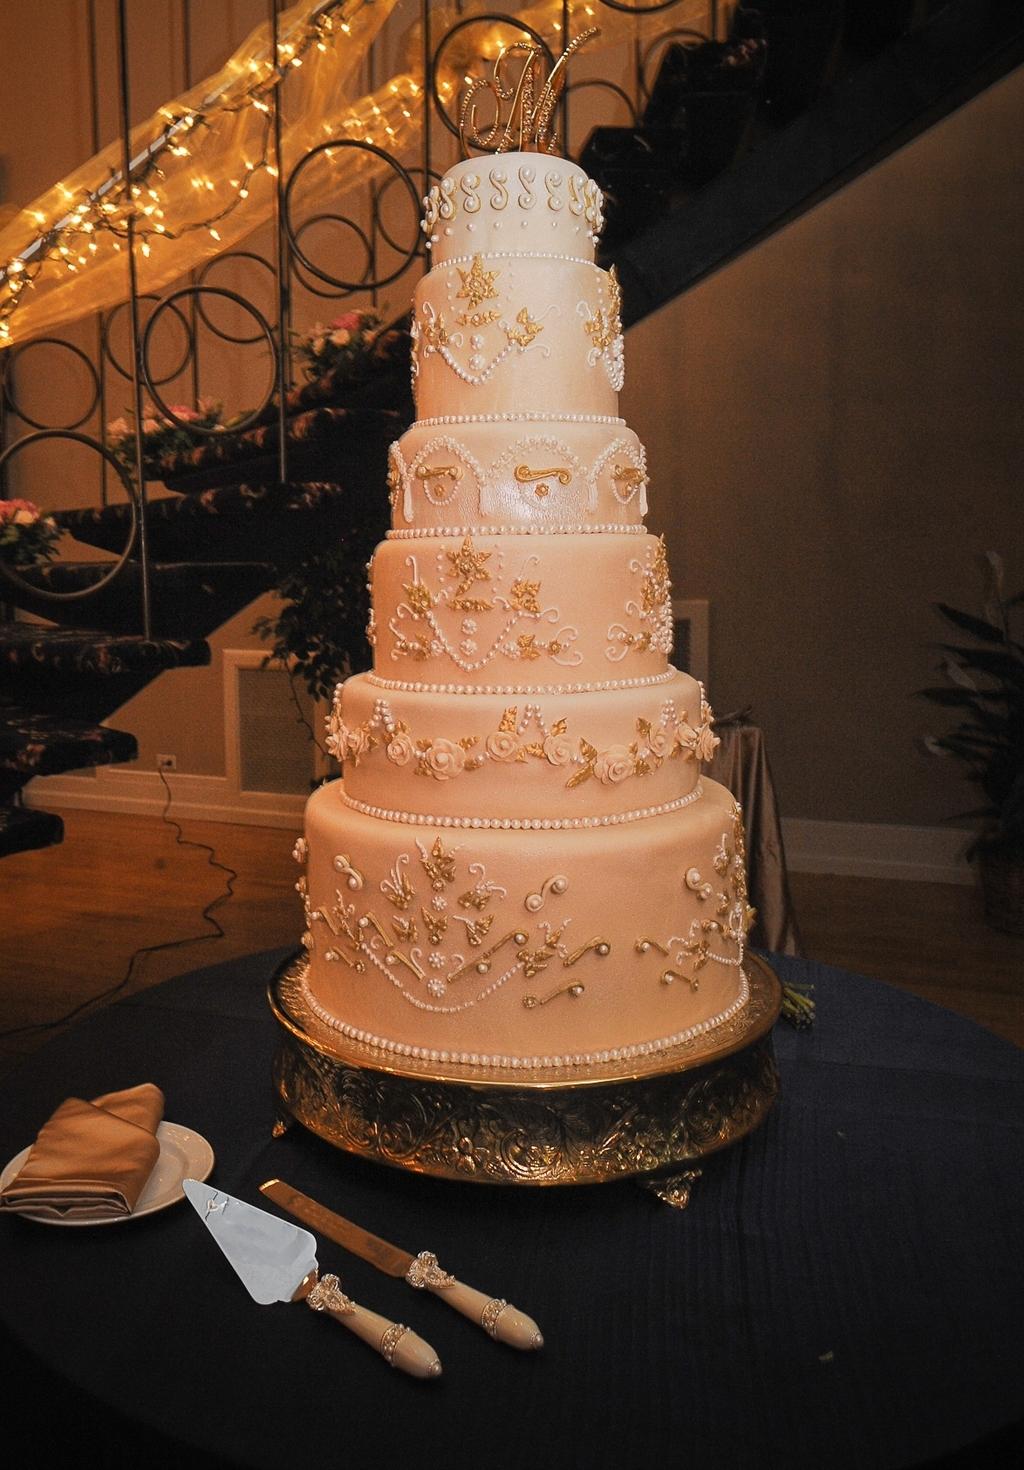 Regal-6-tier-champagne-ivory-wedding-cake-fairytale-inspired-monogram-cake-topper.full